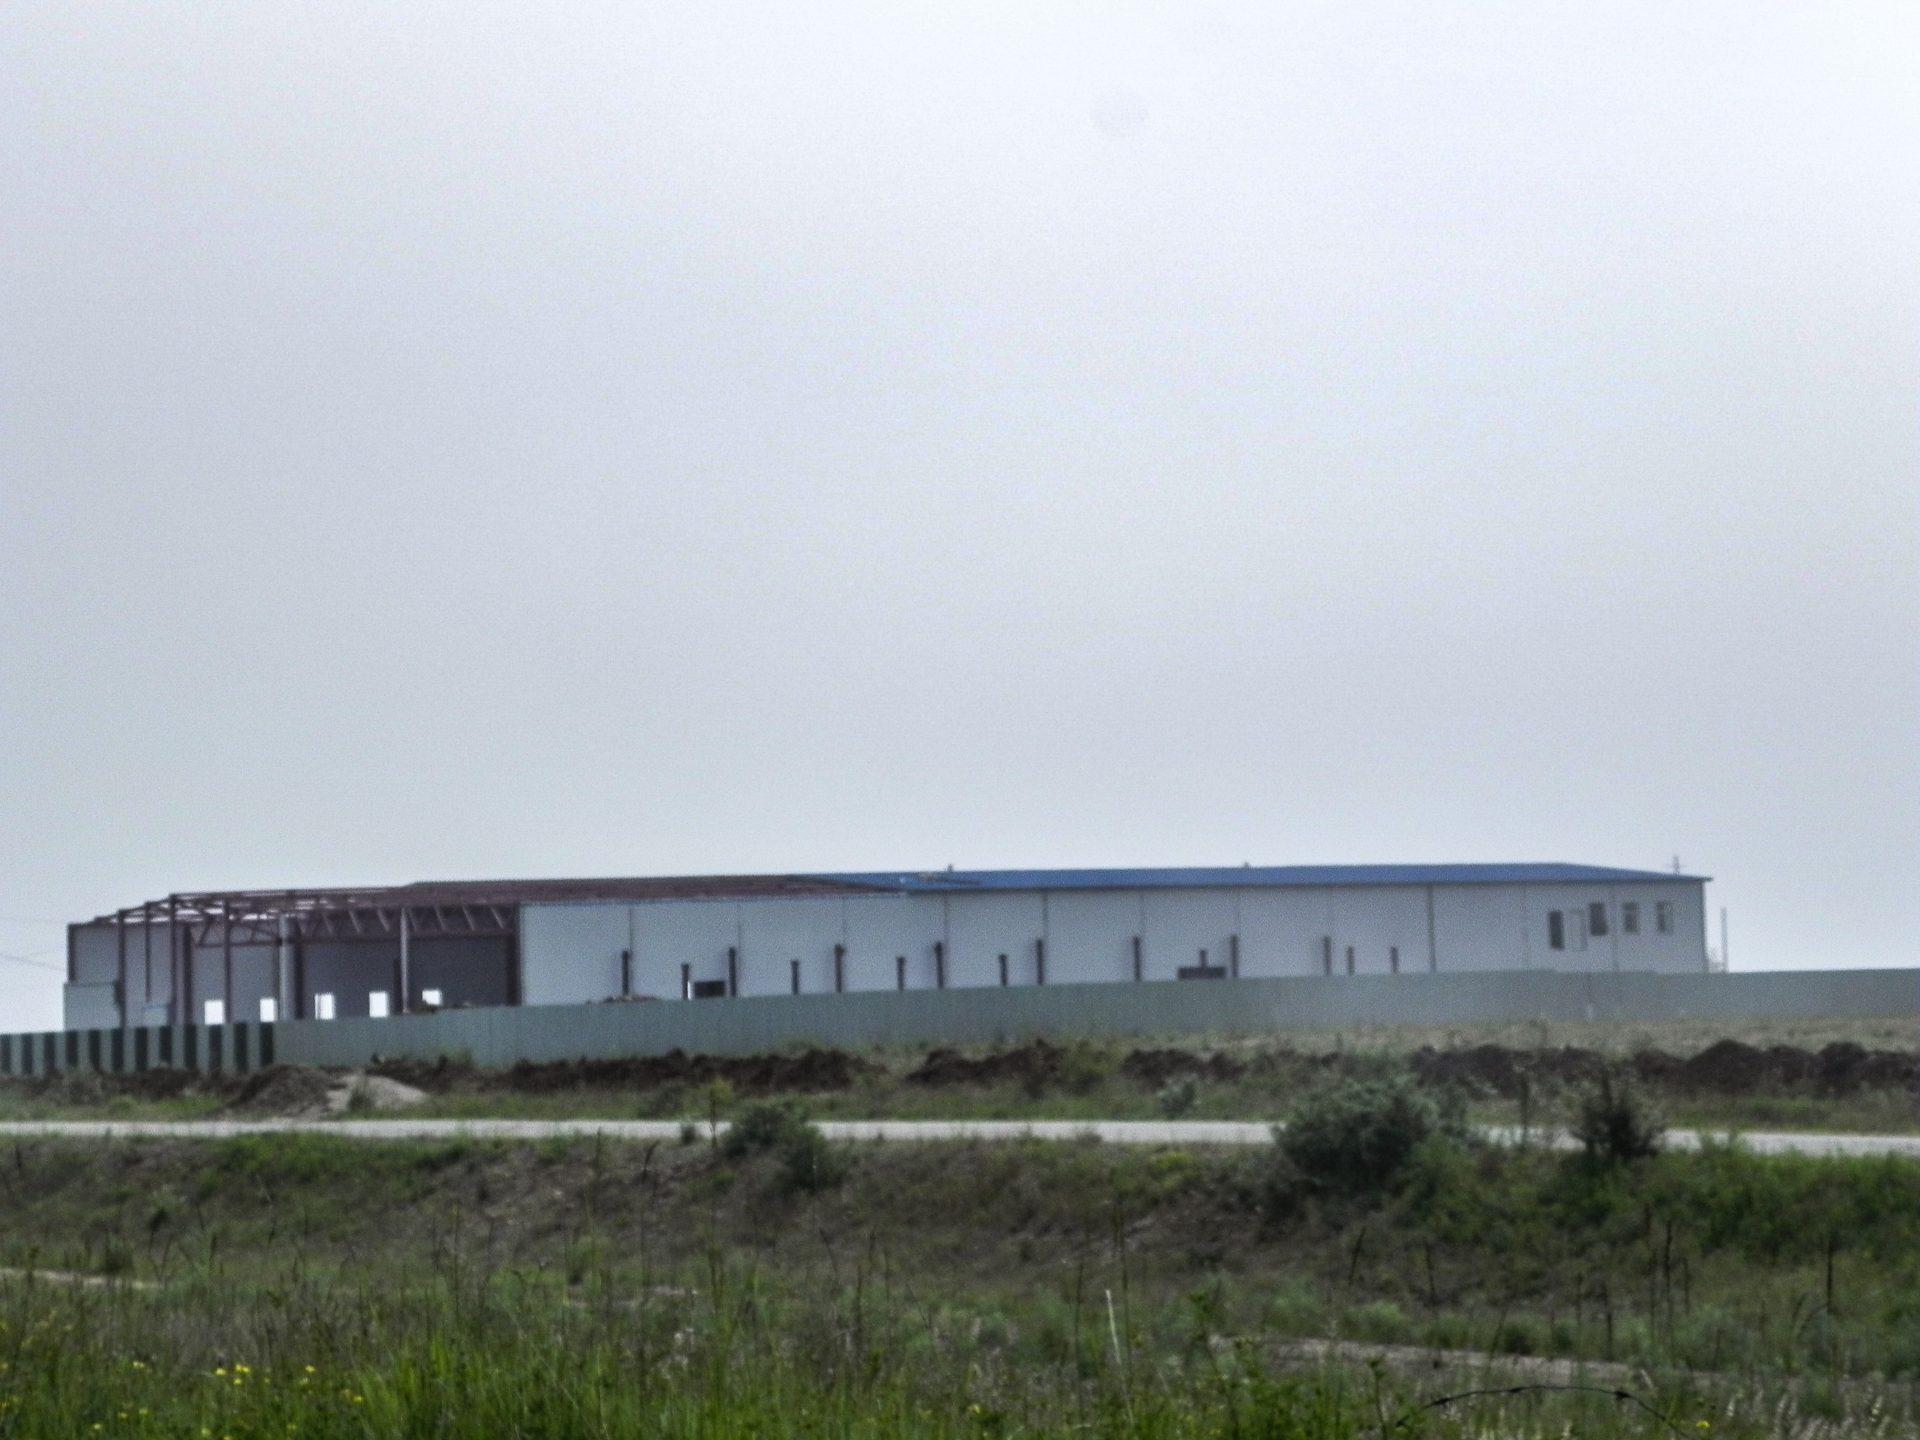 Побывал на строительстве завода по розливу Байкальской воды для Китая. Заметка из экспедиции!